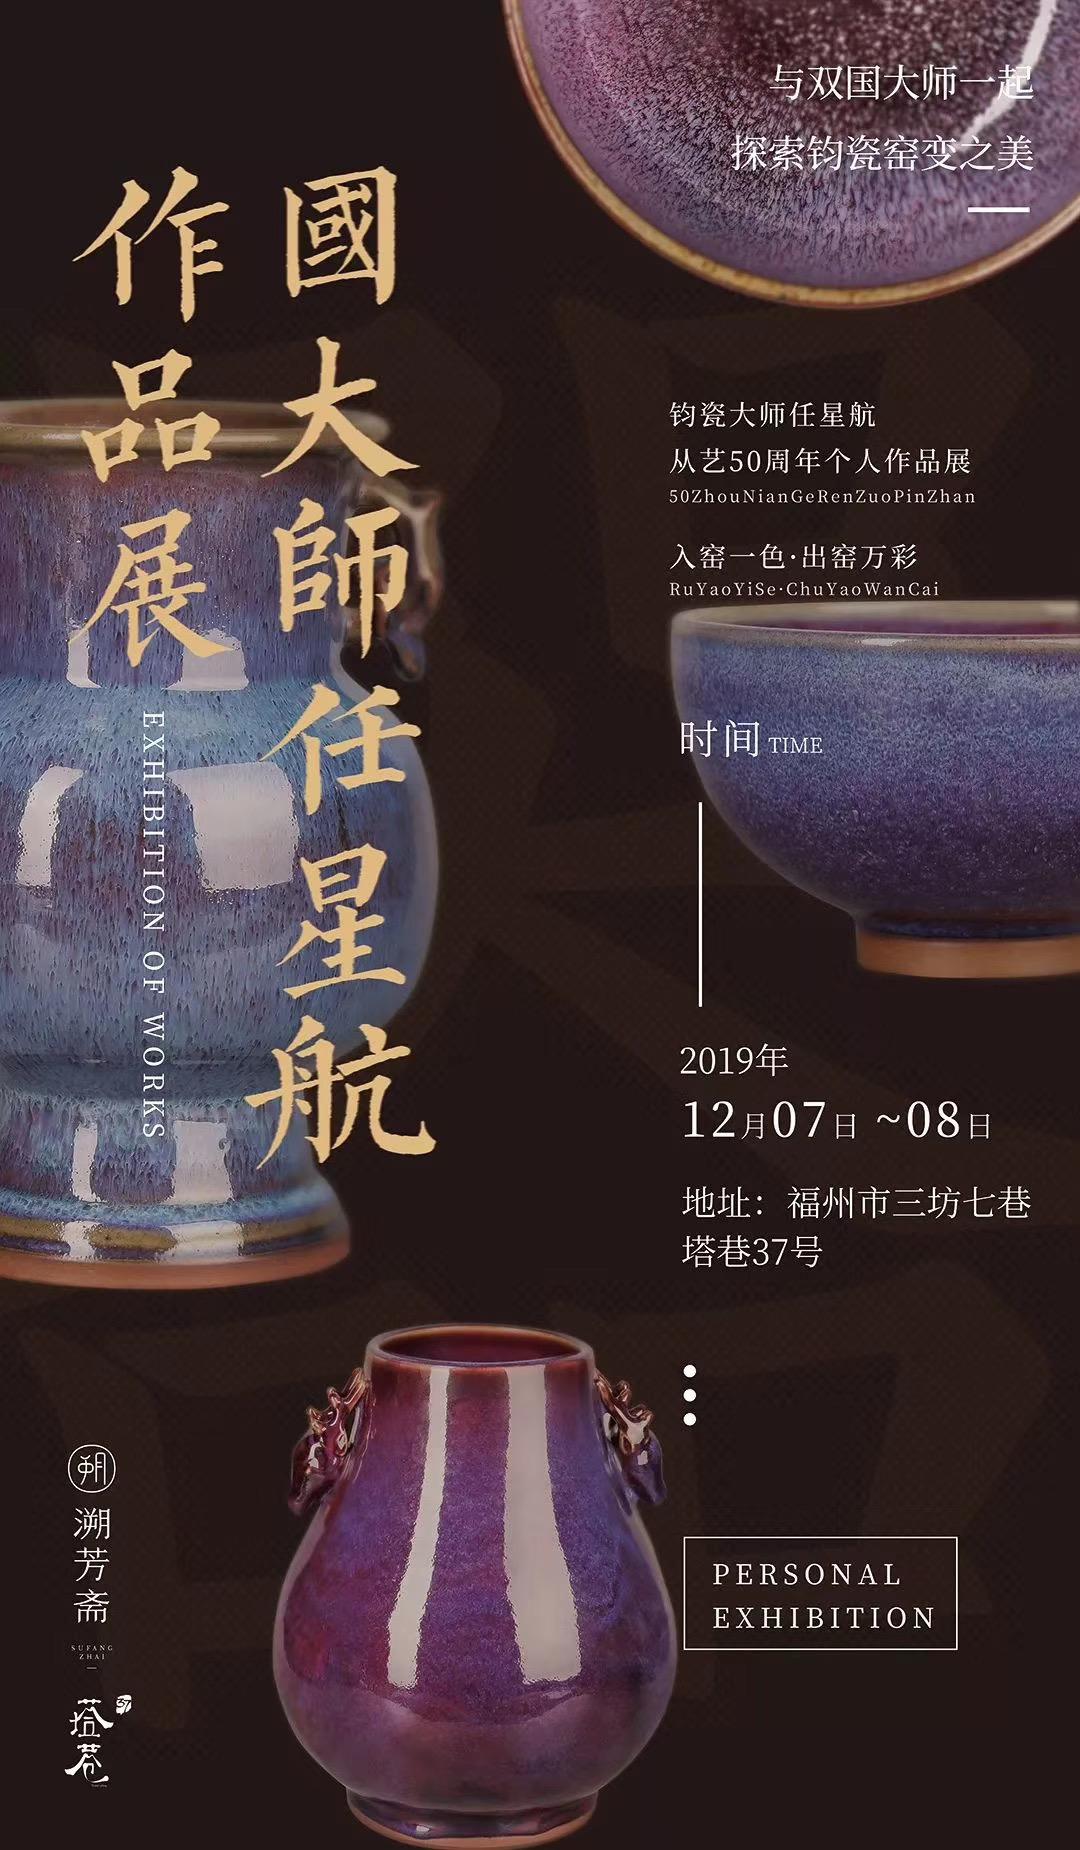 大美钧瓷,任老师从艺50周年作品展,地点福州三坊七巷